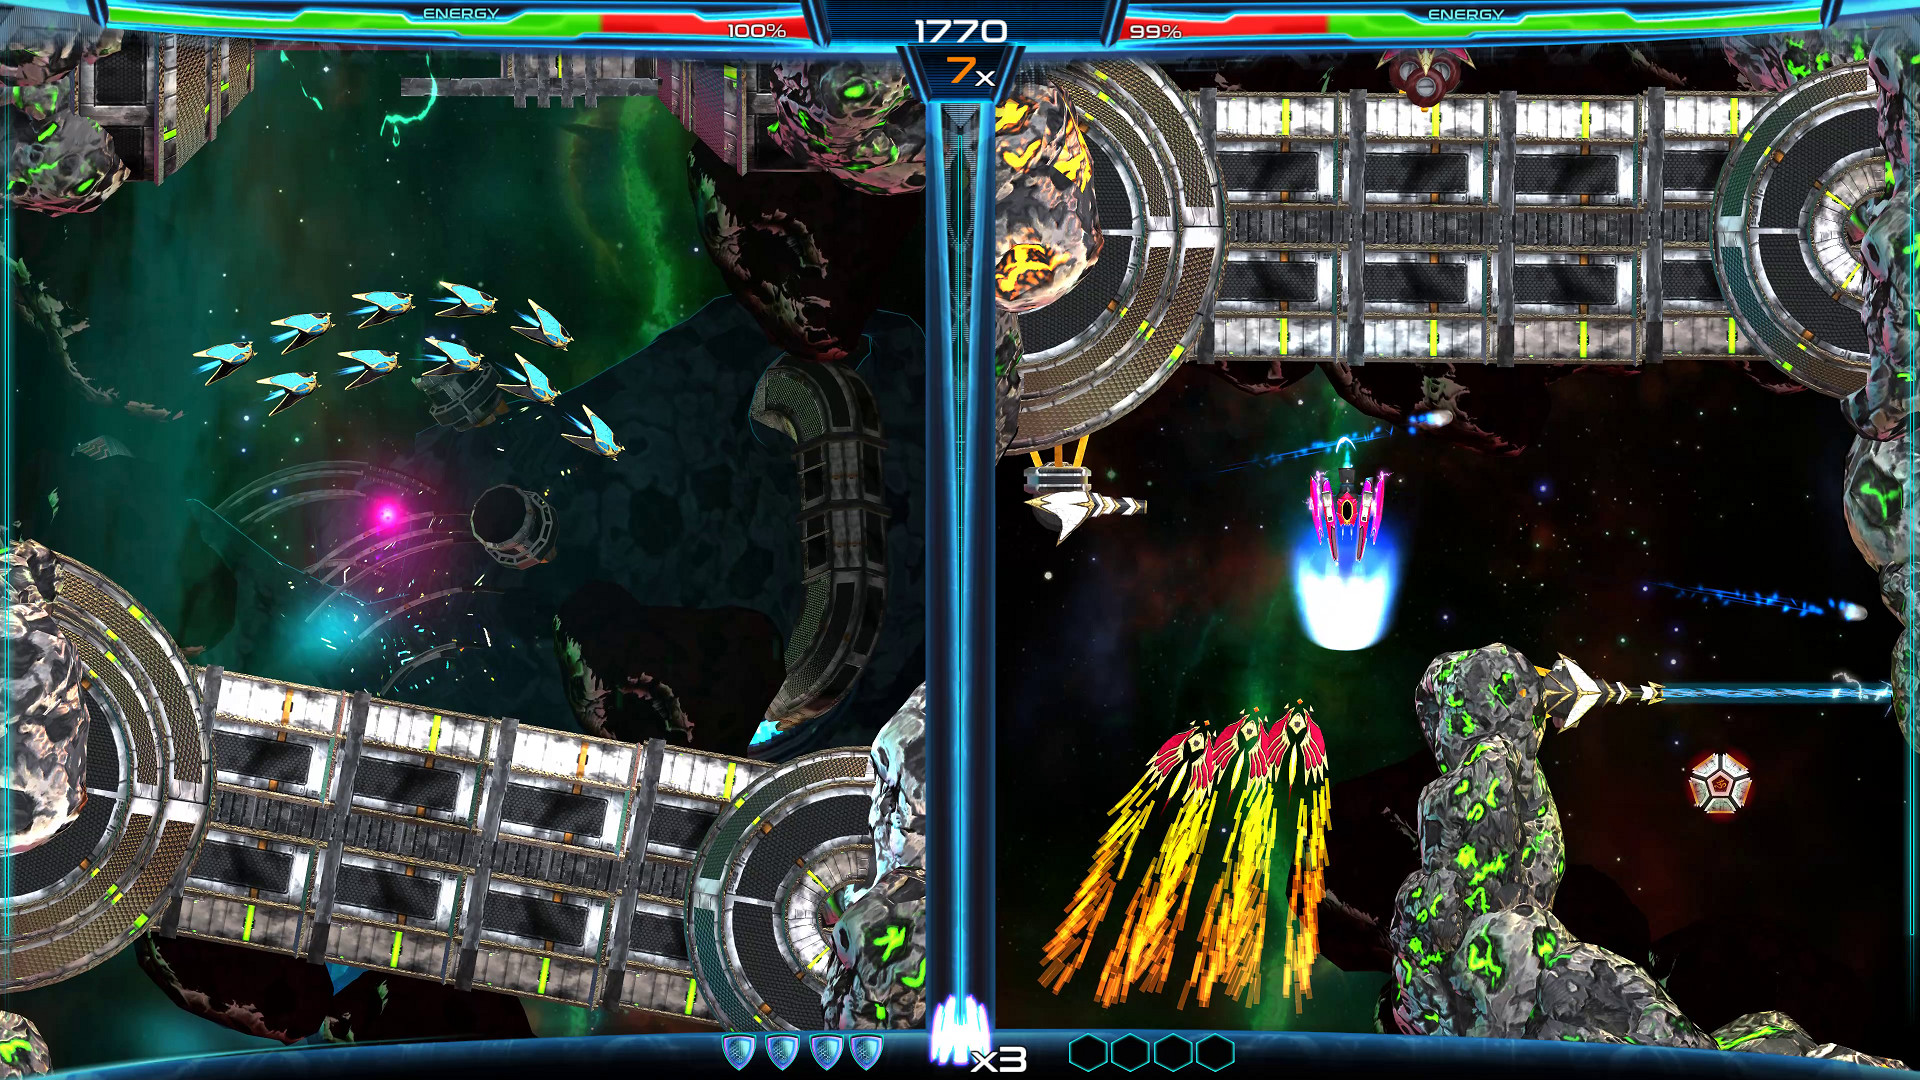 弹幕射击游戏《次元驱动》发售预告 双人挑战难度高